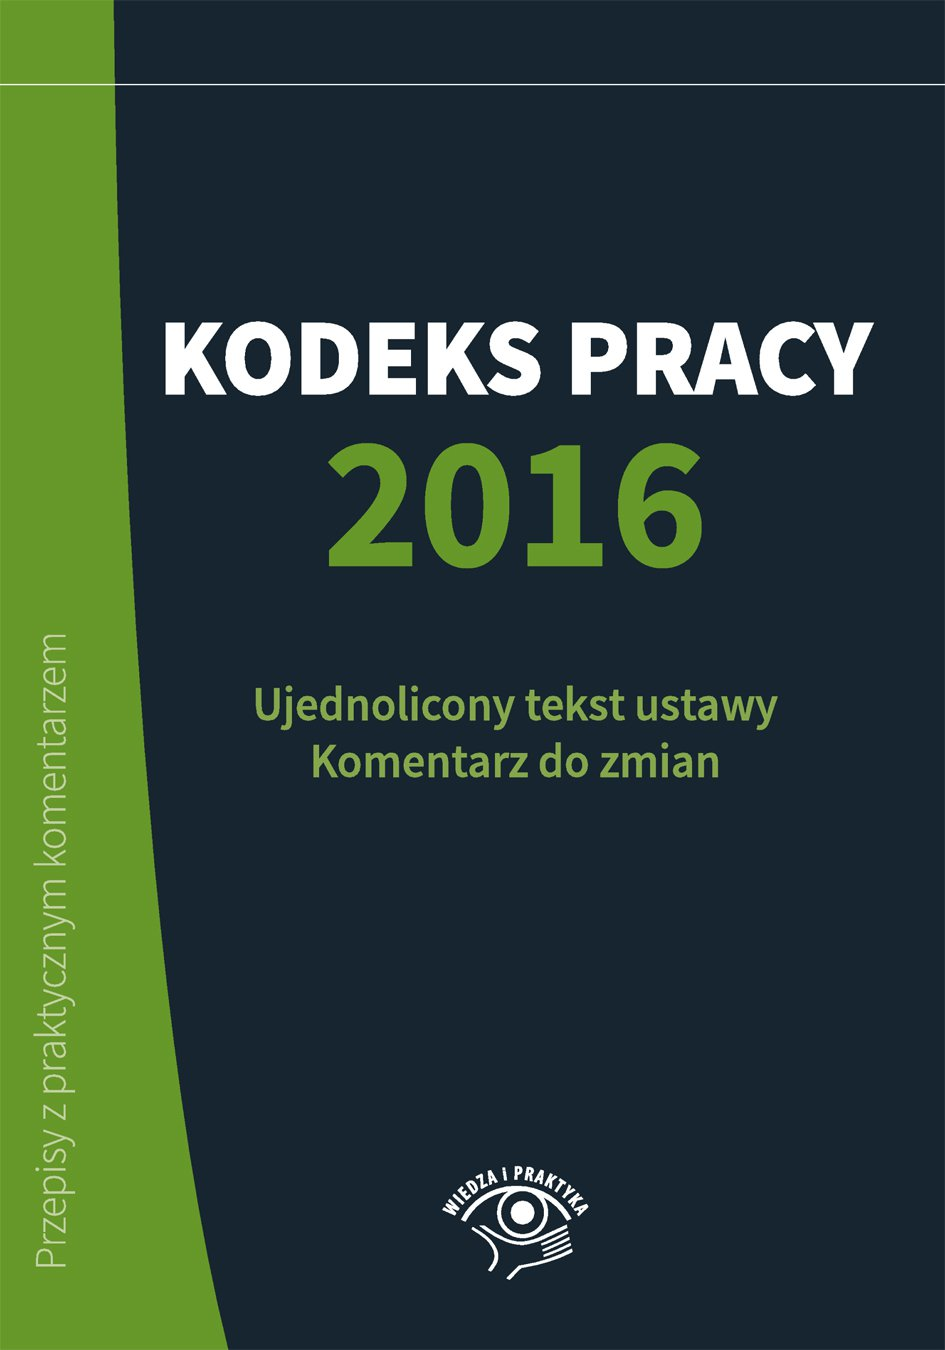 Kodeks Pracy 2016 - Ebook (Książka PDF) do pobrania w formacie PDF